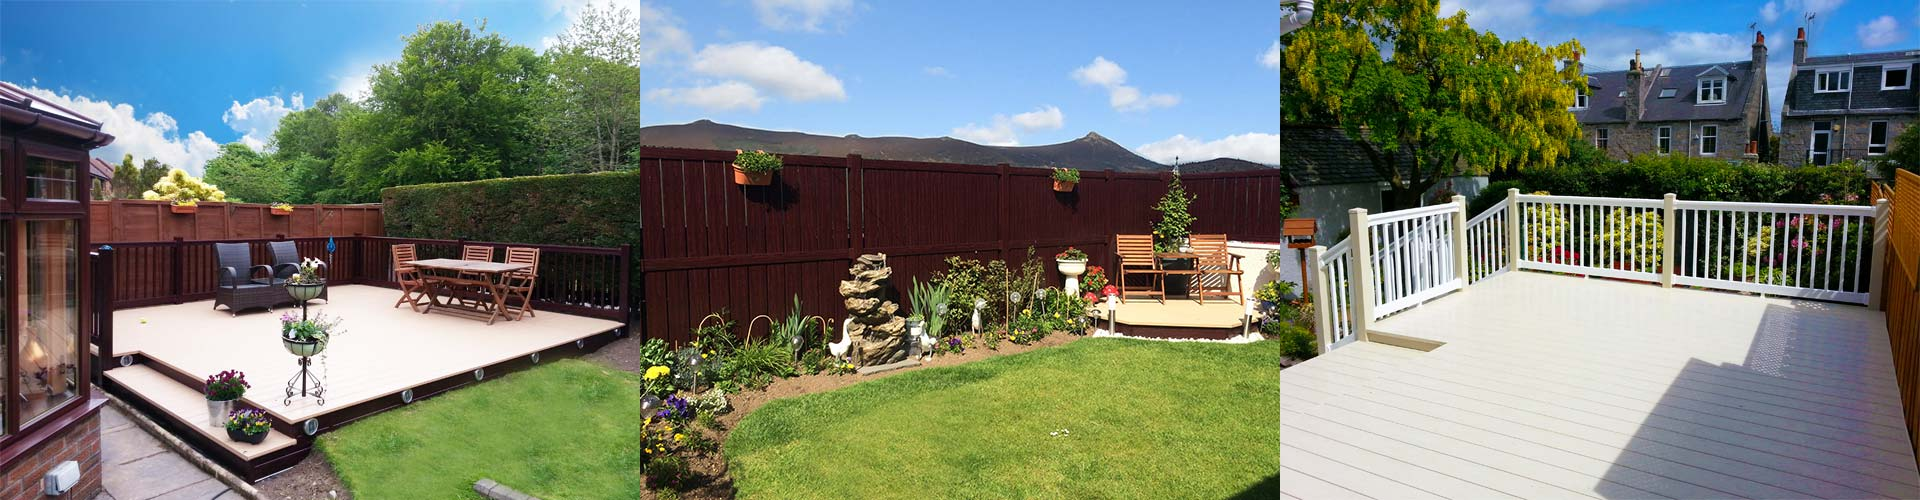 Fencing & Decking Aberdeen, Aberdeenshire & North East Scotland